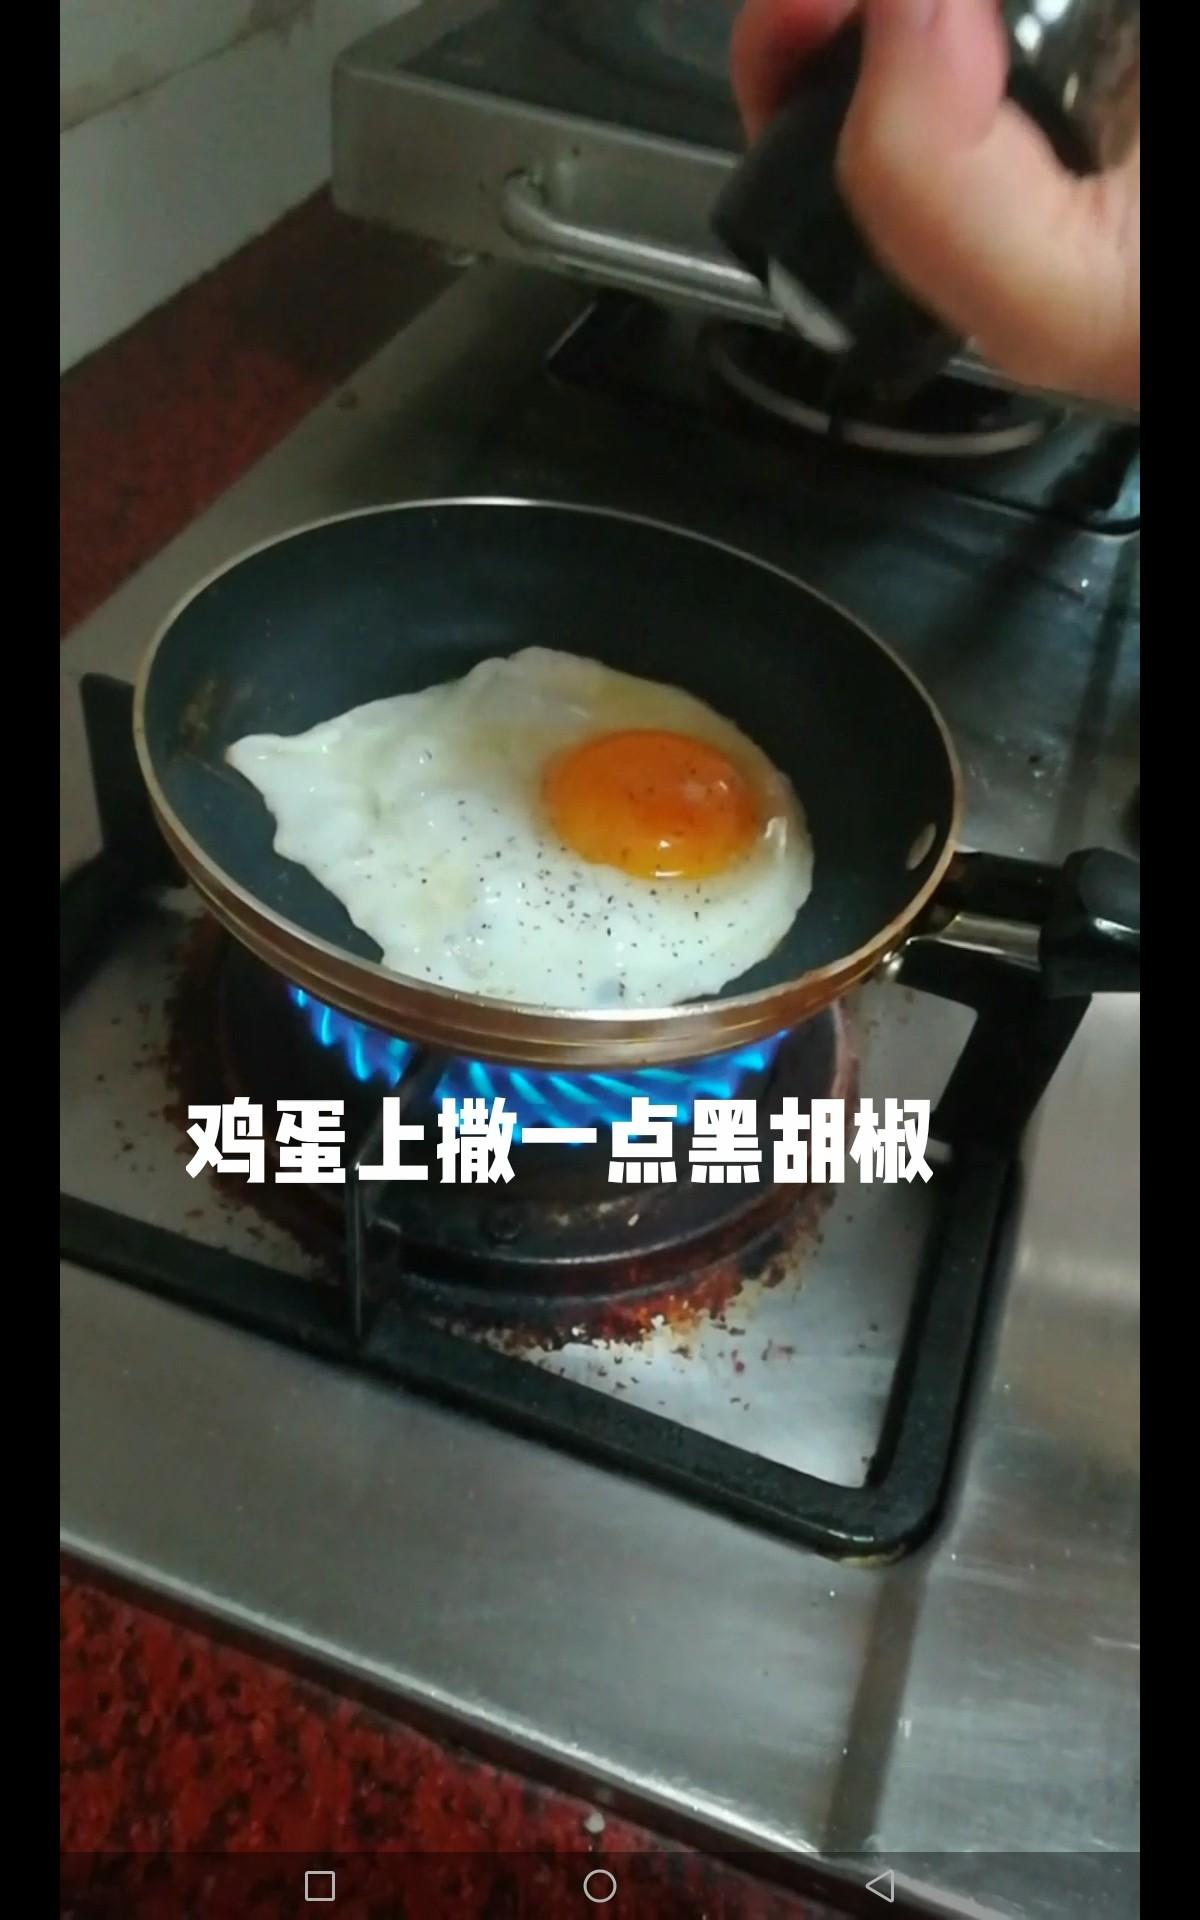 吐司夹火腿鸡蛋的家常做法